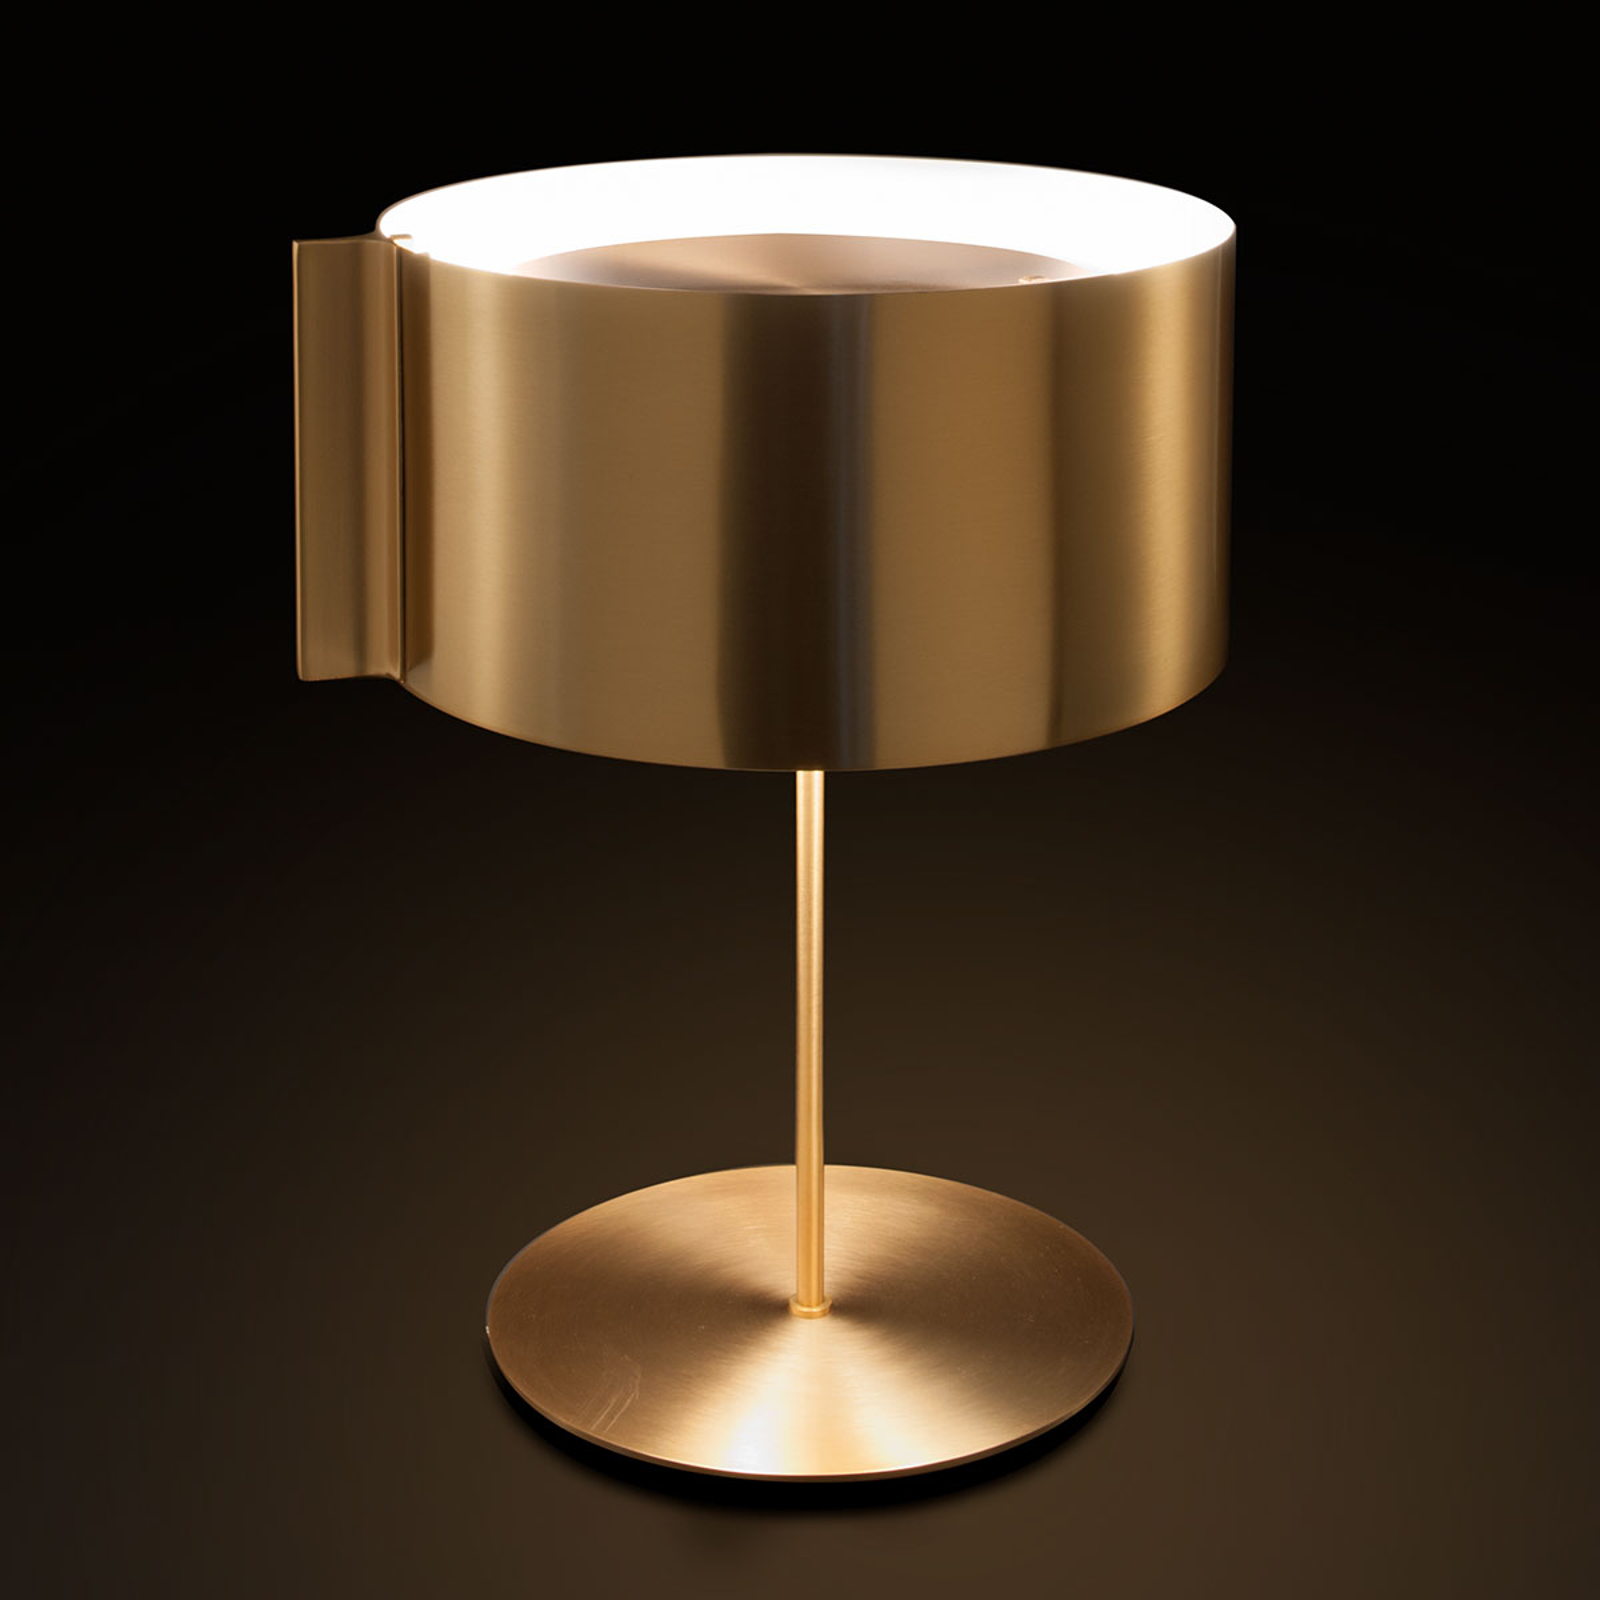 Oluce Switch - lampe à poser de designer dorée